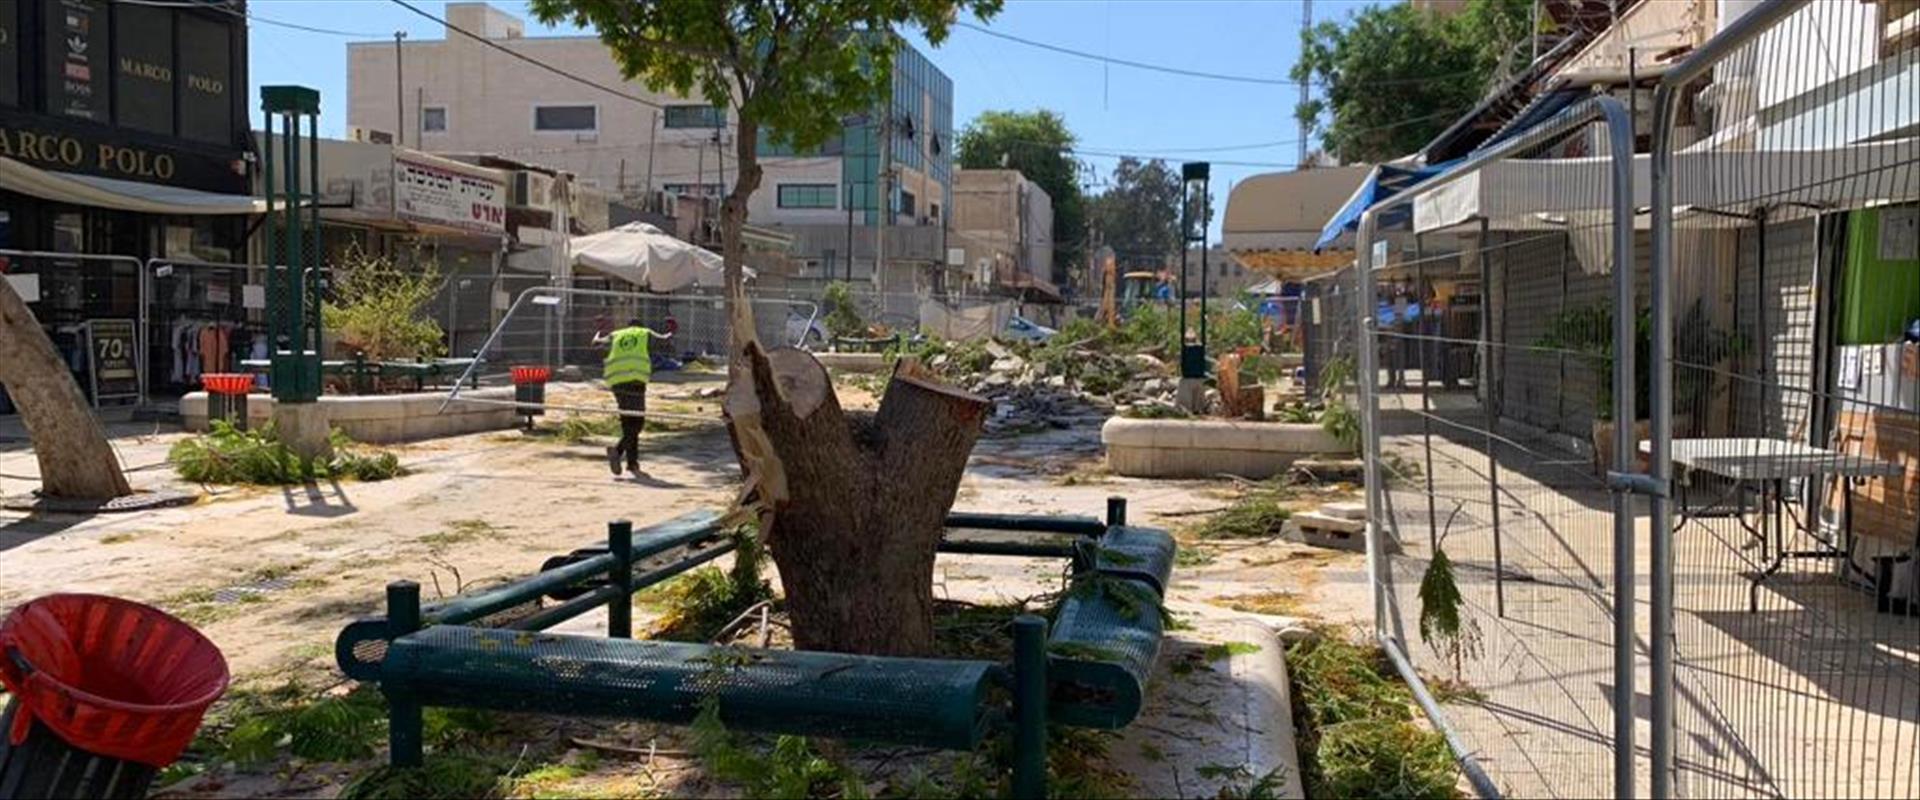 """עצים כרותים ברחוב קק""""ל בבאר שבע"""